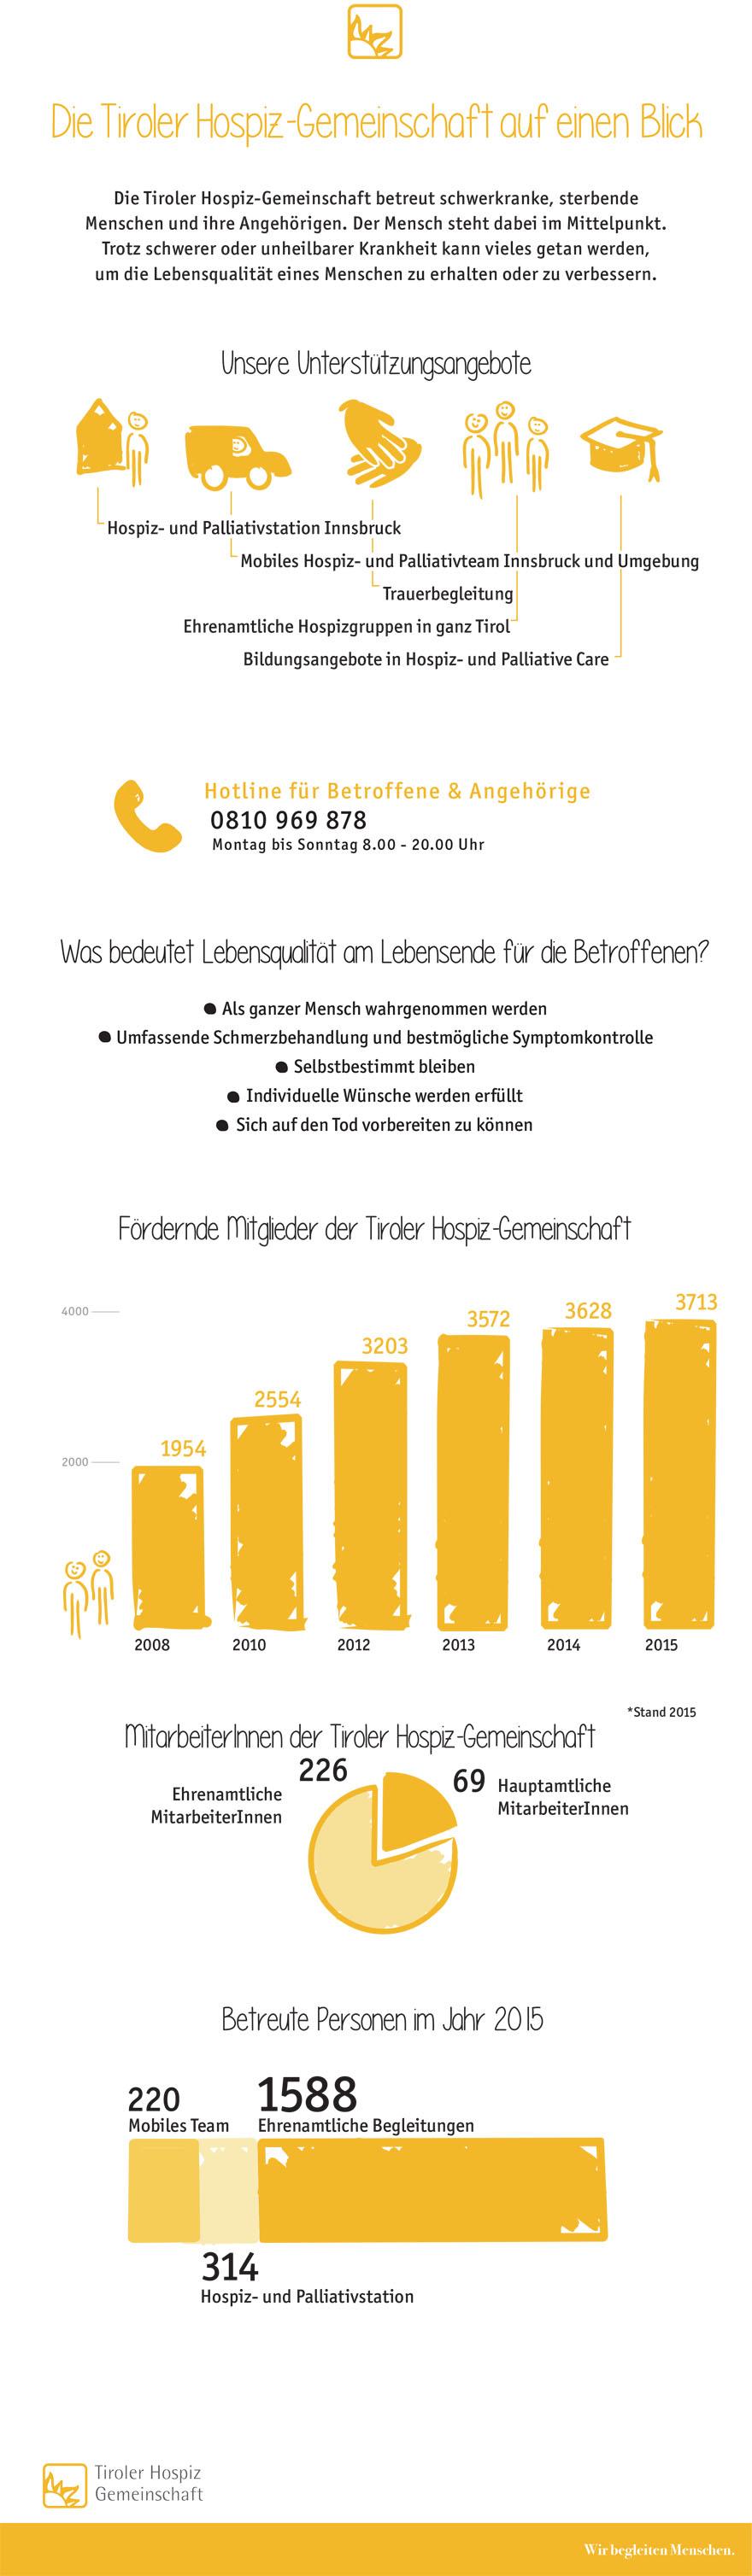 880 Infografik Tiroler Hospiz-Gemeinschaft 2015